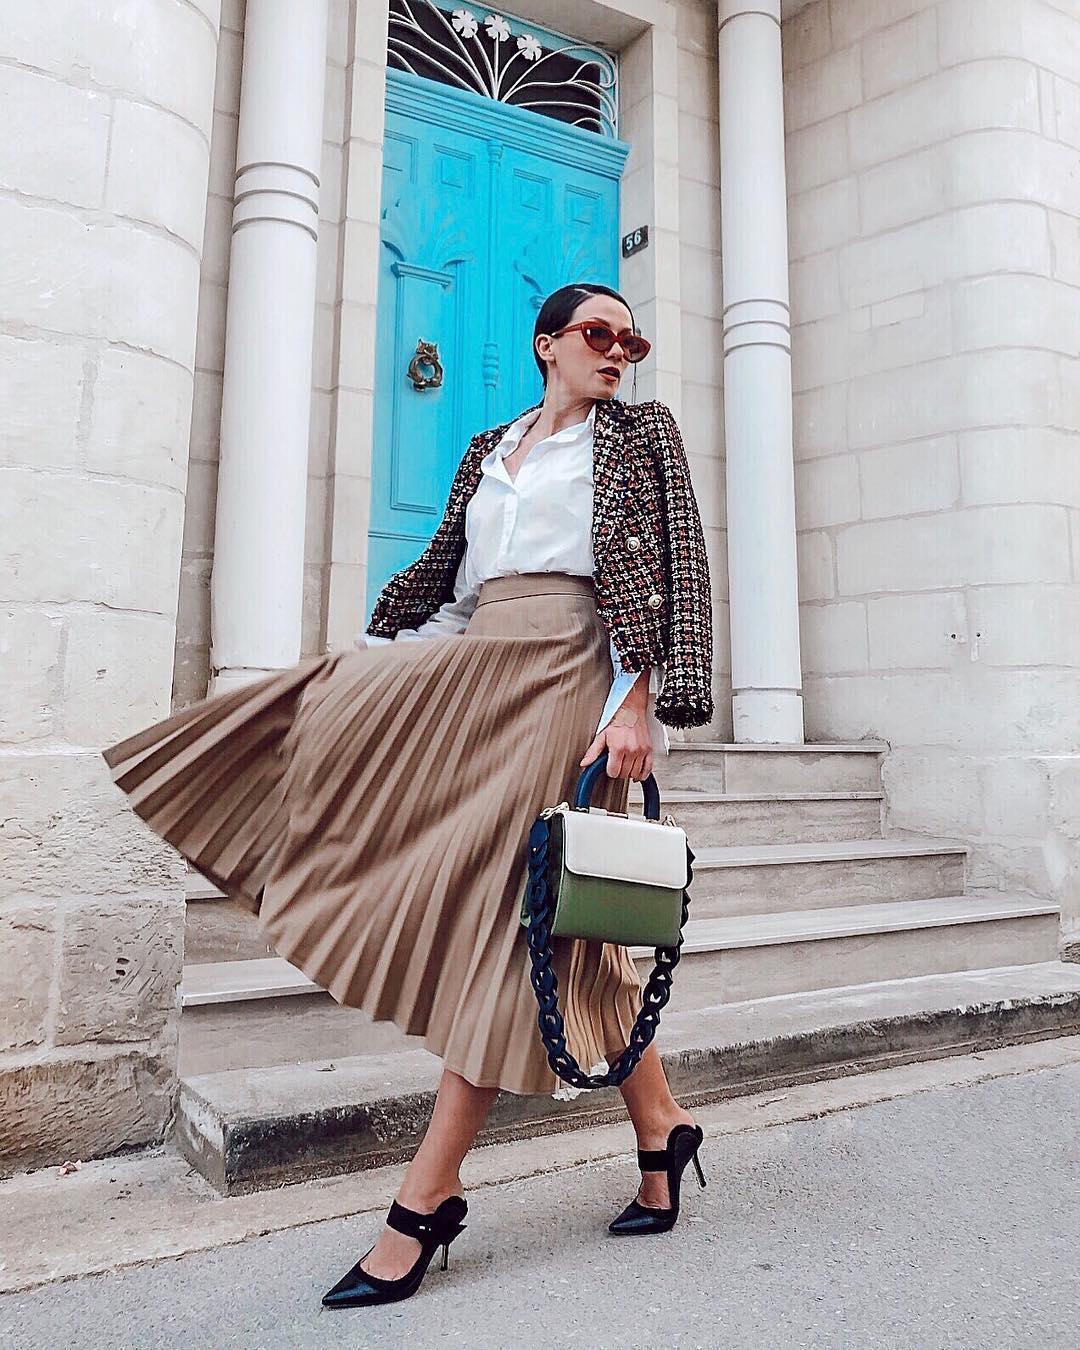 модный летние образы для бизнес-леди фото 7